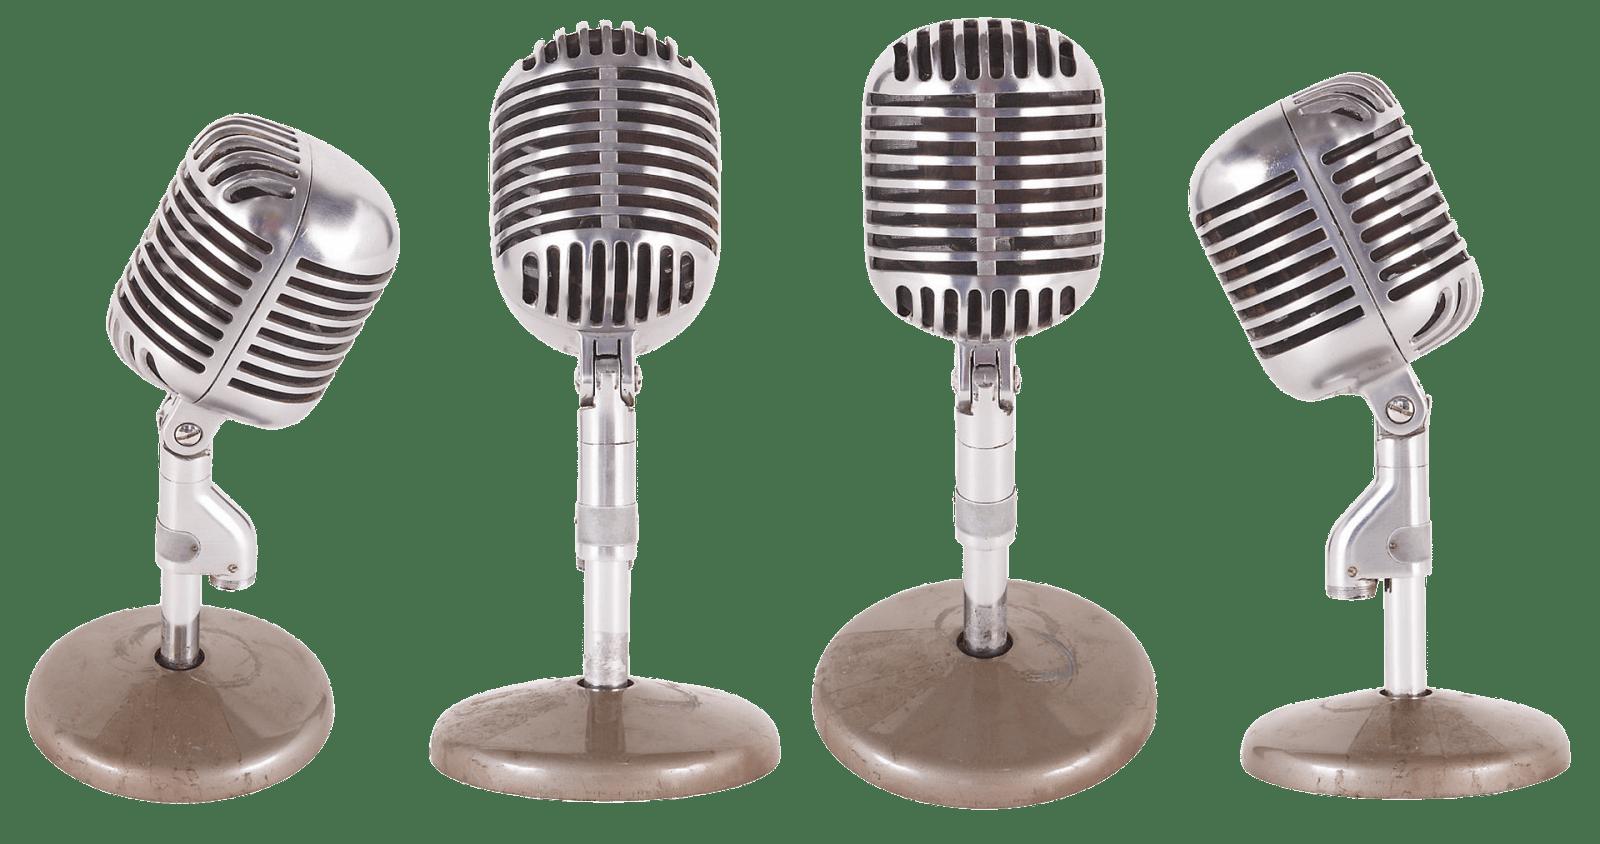 נשימה בריאה® אורנה אדריאנסן: אוסף ראיונות רדיו